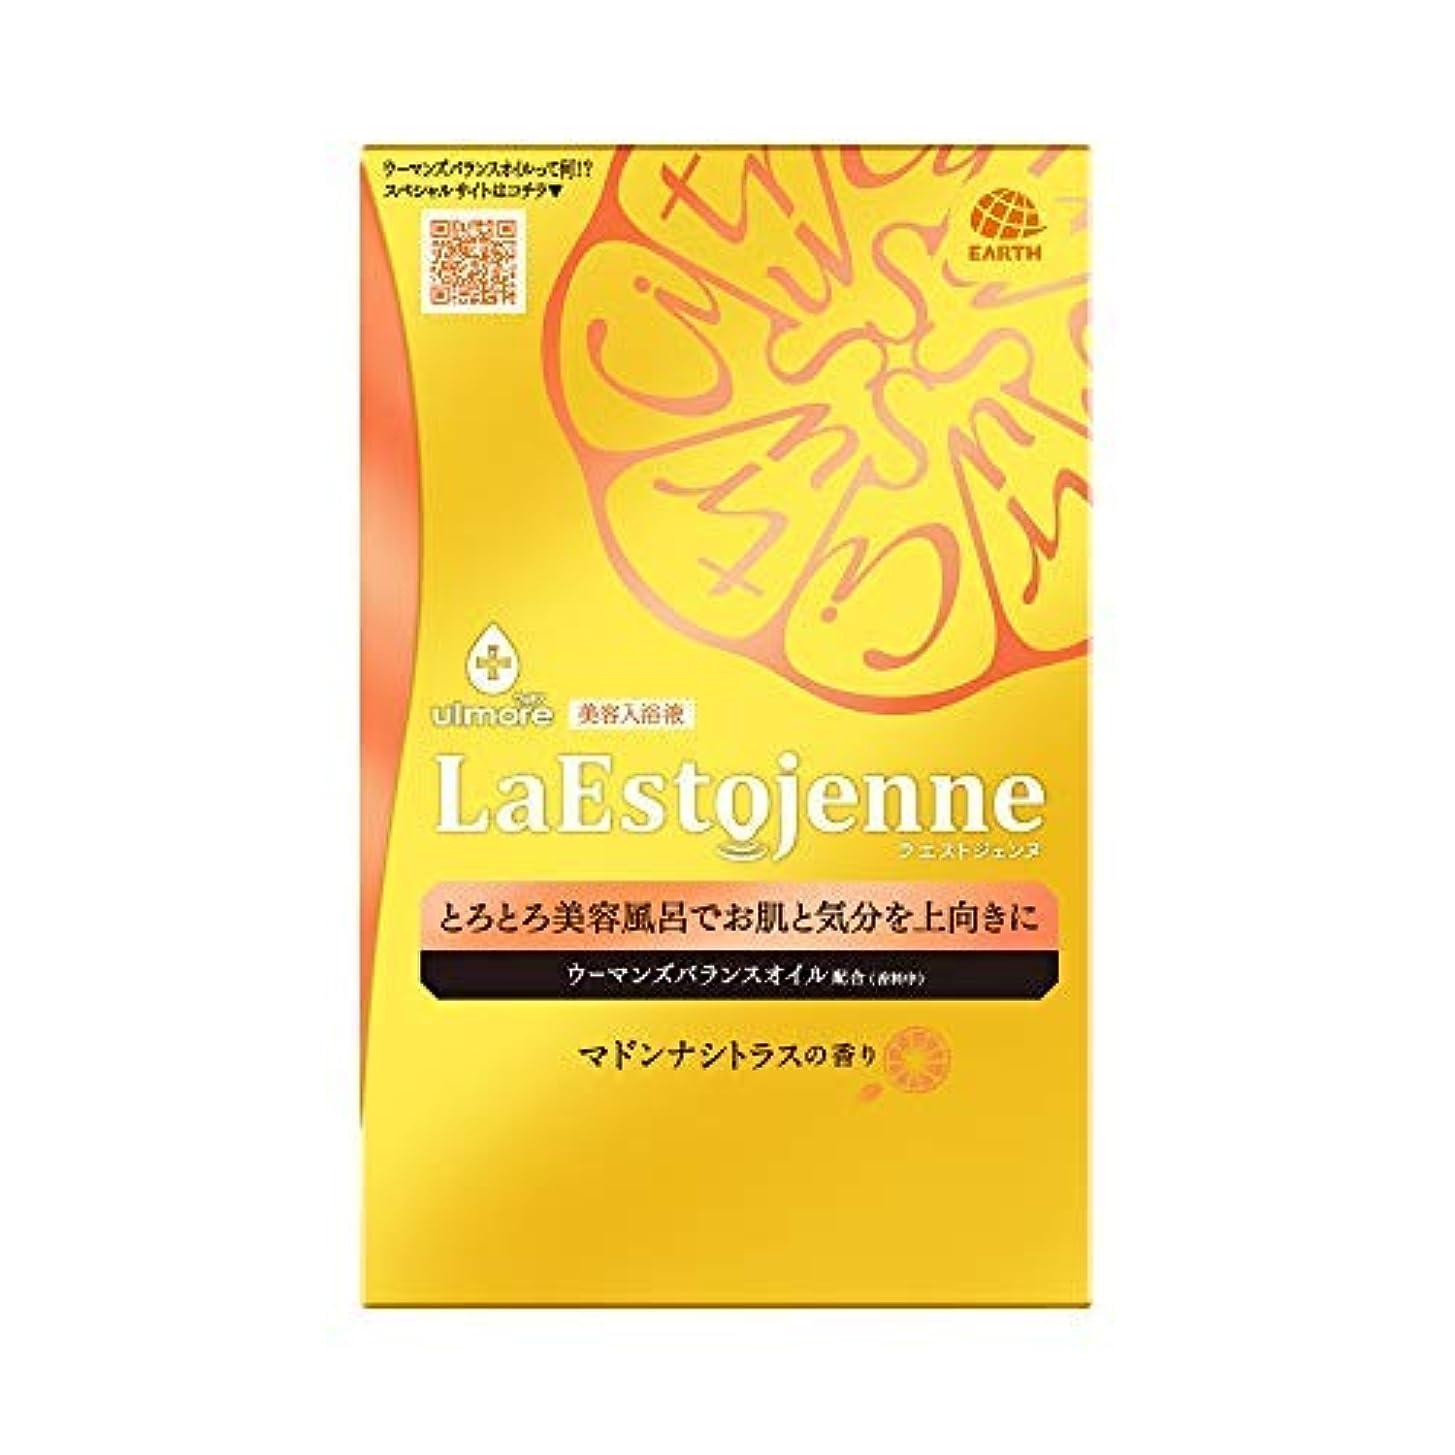 欠かせないフィッティング姿勢ウルモア ラエストジェンヌ マドンナシトラスの香り 3包入り × 4個セット